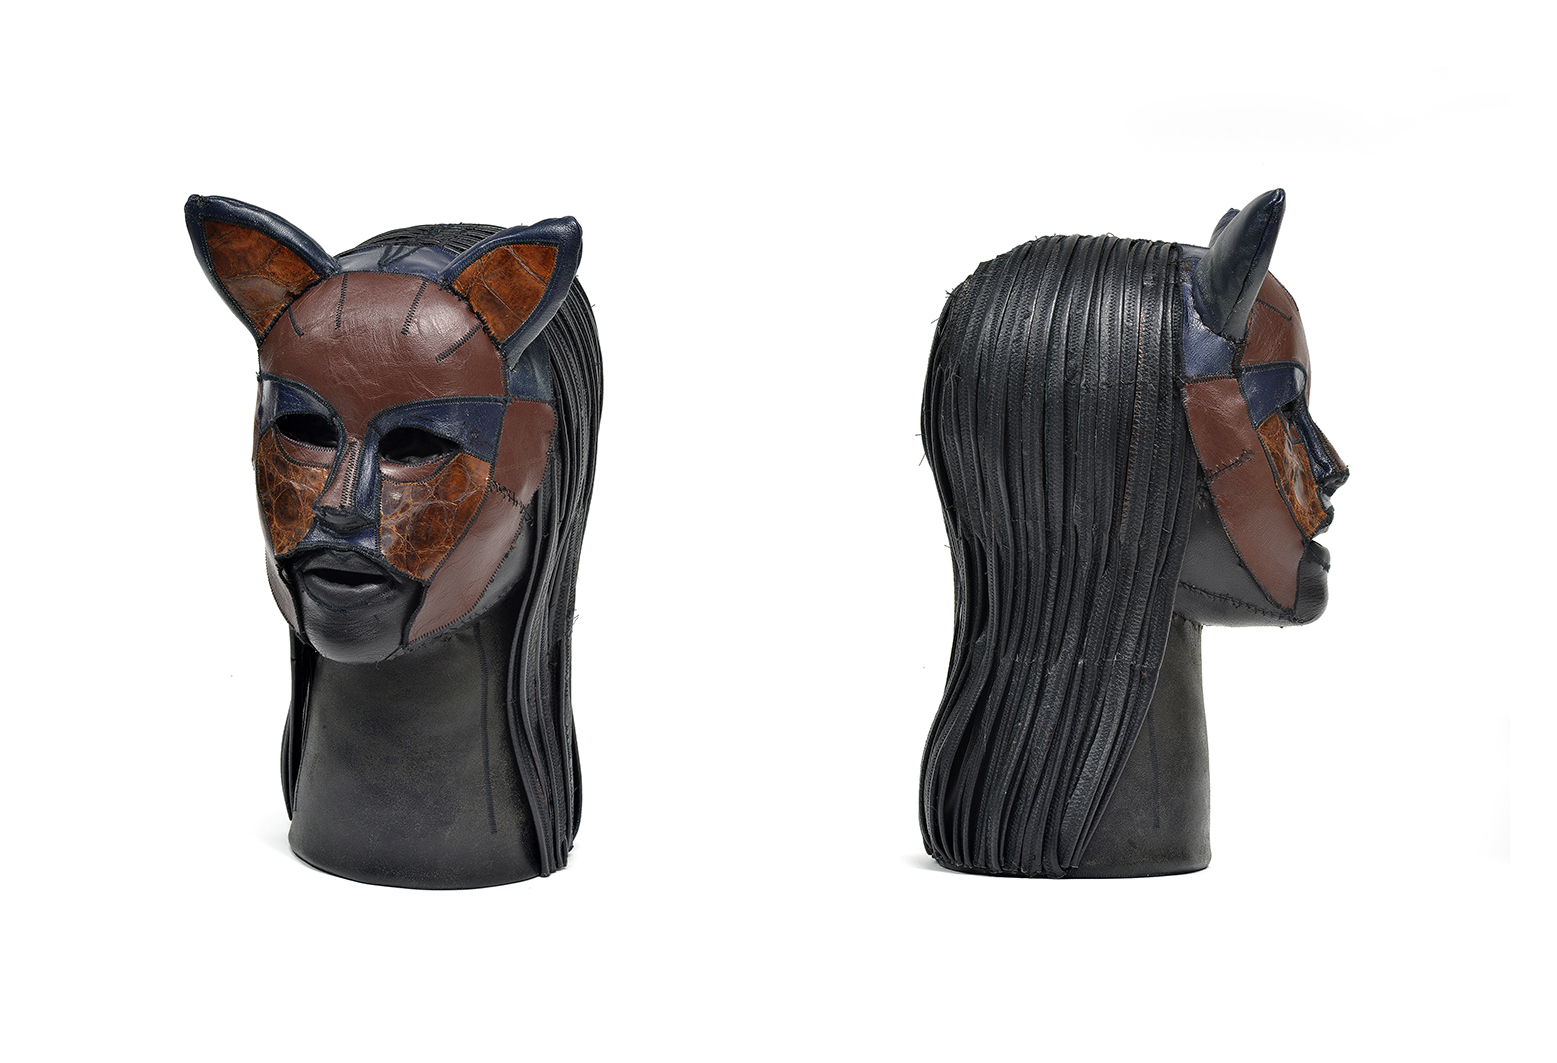 Aneta Grzeszykowska   Skin Head #2 , 2016  Leather, filling  40 x 25 x 20 cm